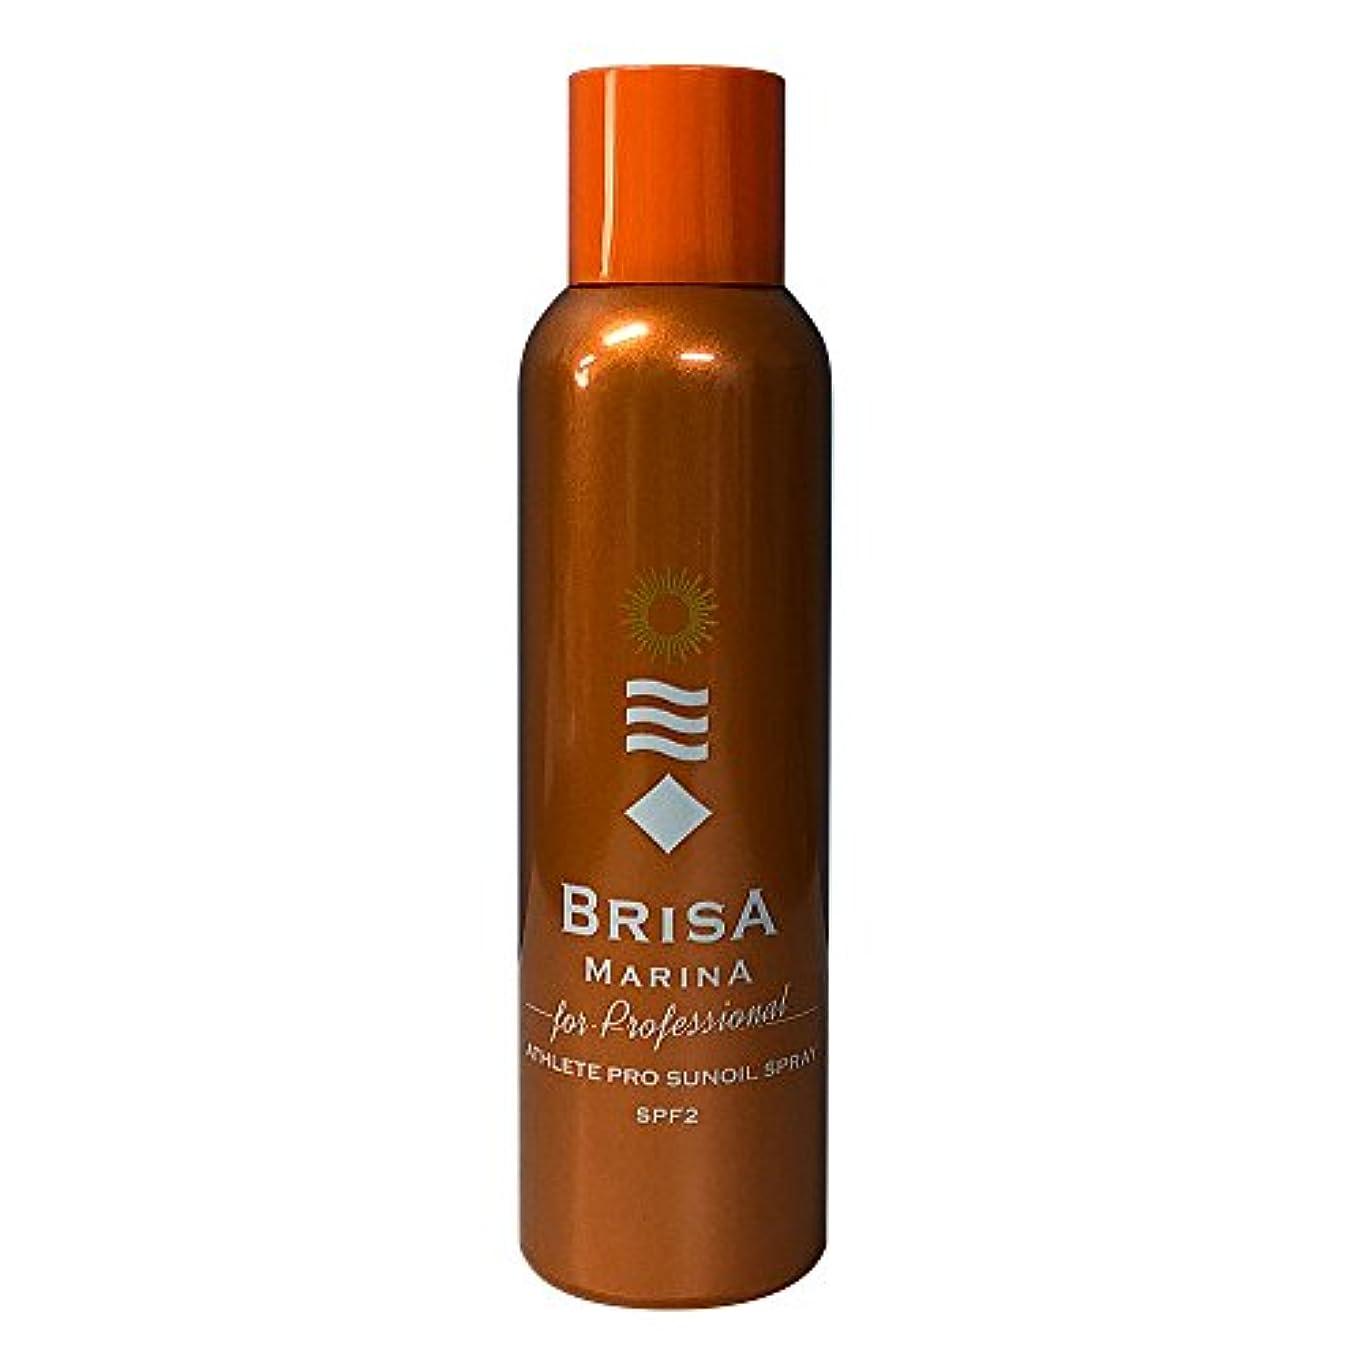 反対に侵略考えBRISA MARINA(ブリサ マリーナ) アスリートプロ サンオイルスプレー [SPF2] Professional Edition [アスリートプロ 日焼け用スプレー] Z-0CBM0016610